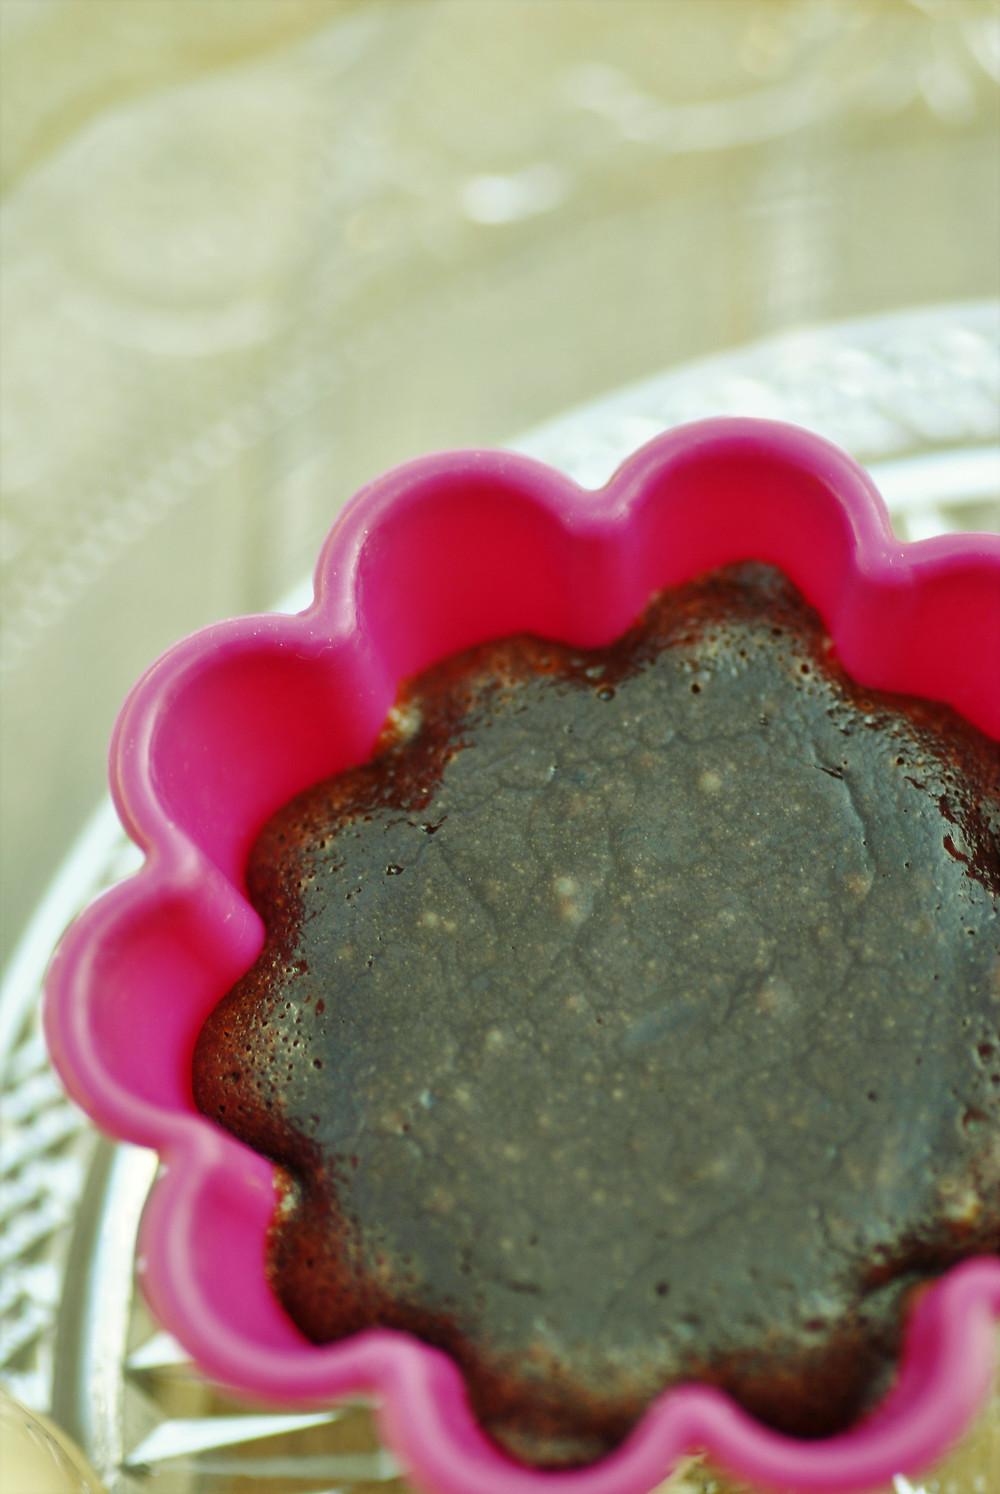 coulant au chocolat philippe conticini